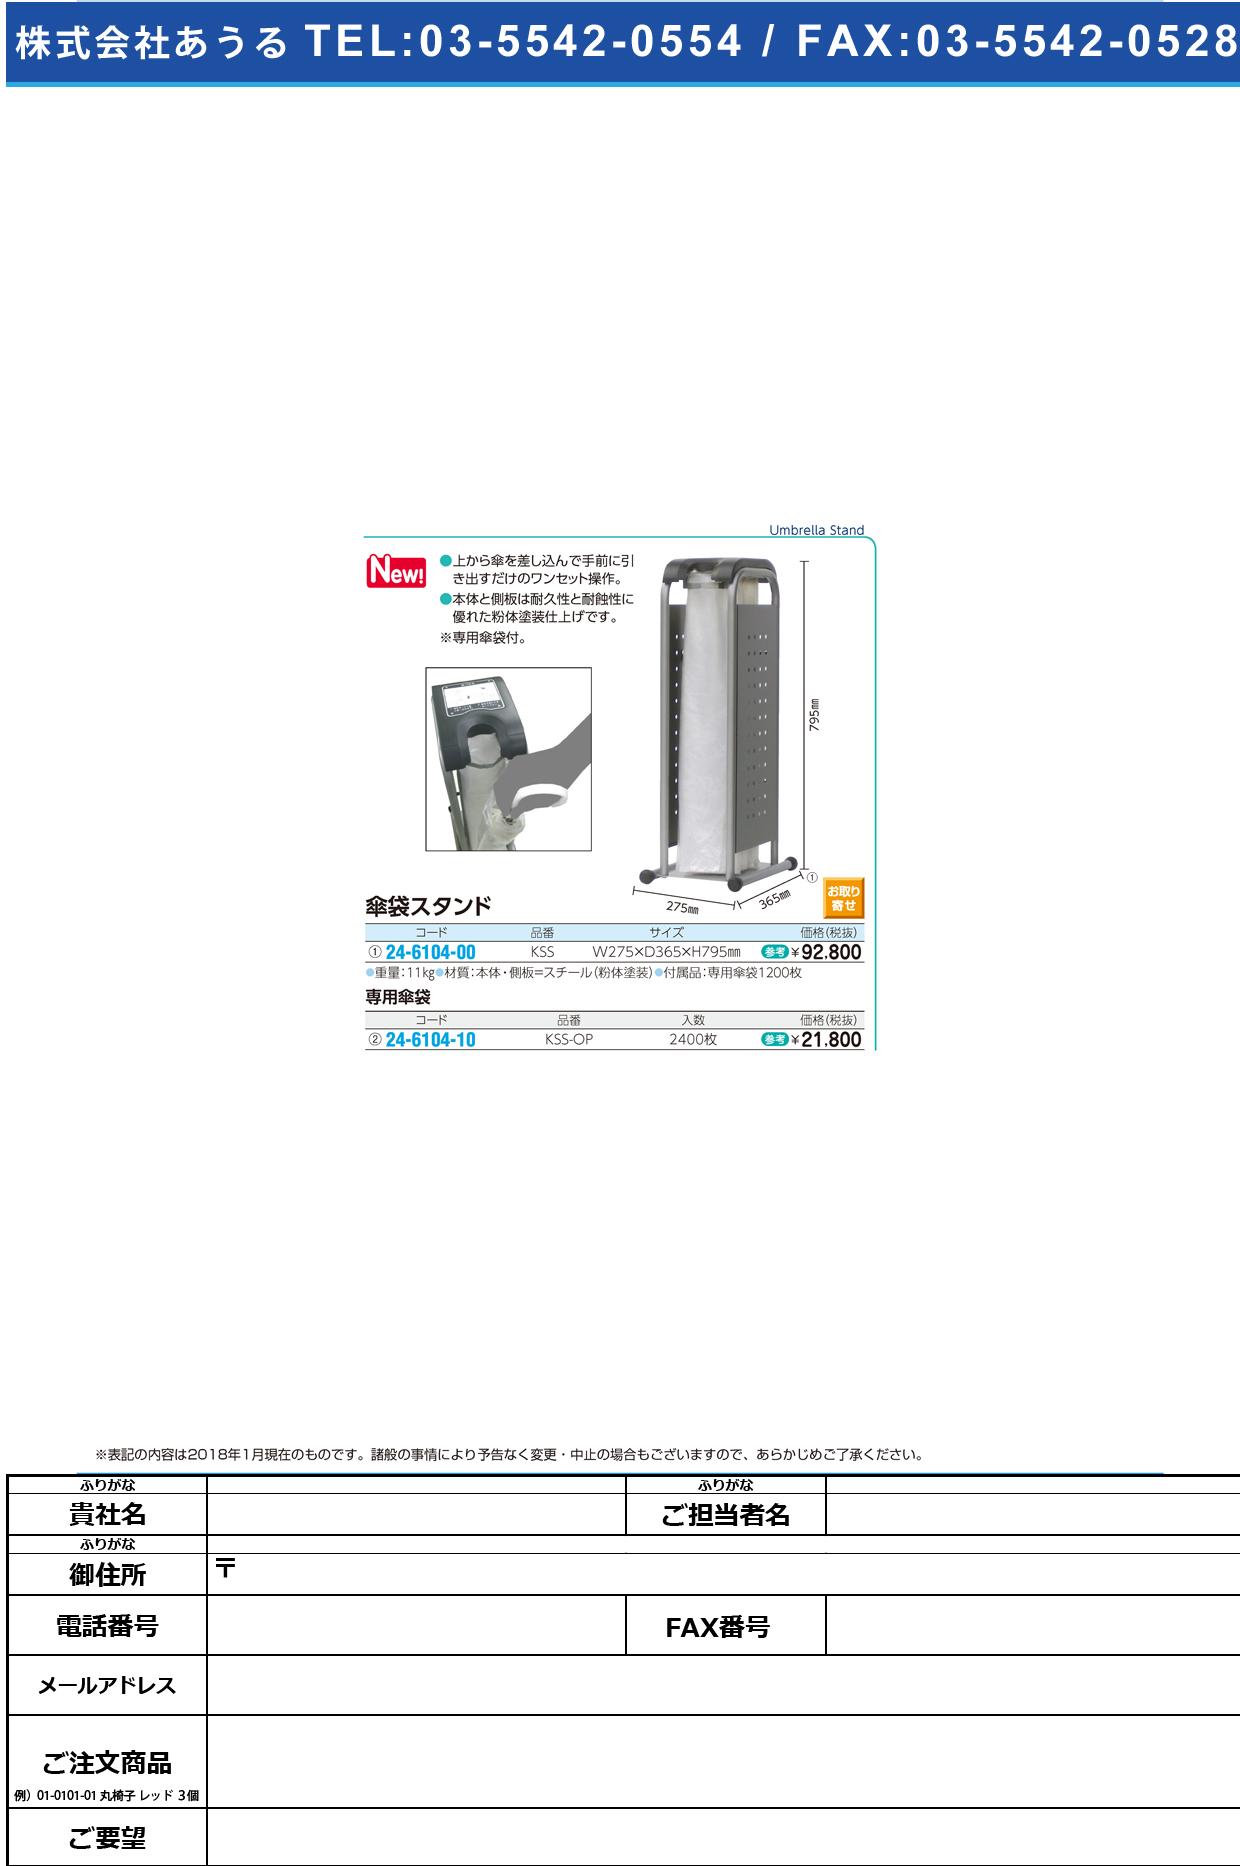 (24-6104-00)傘袋スタンド KSS(W275XD365XH795) カサブクロスタンド【1台単位】【2018年カタログ商品】